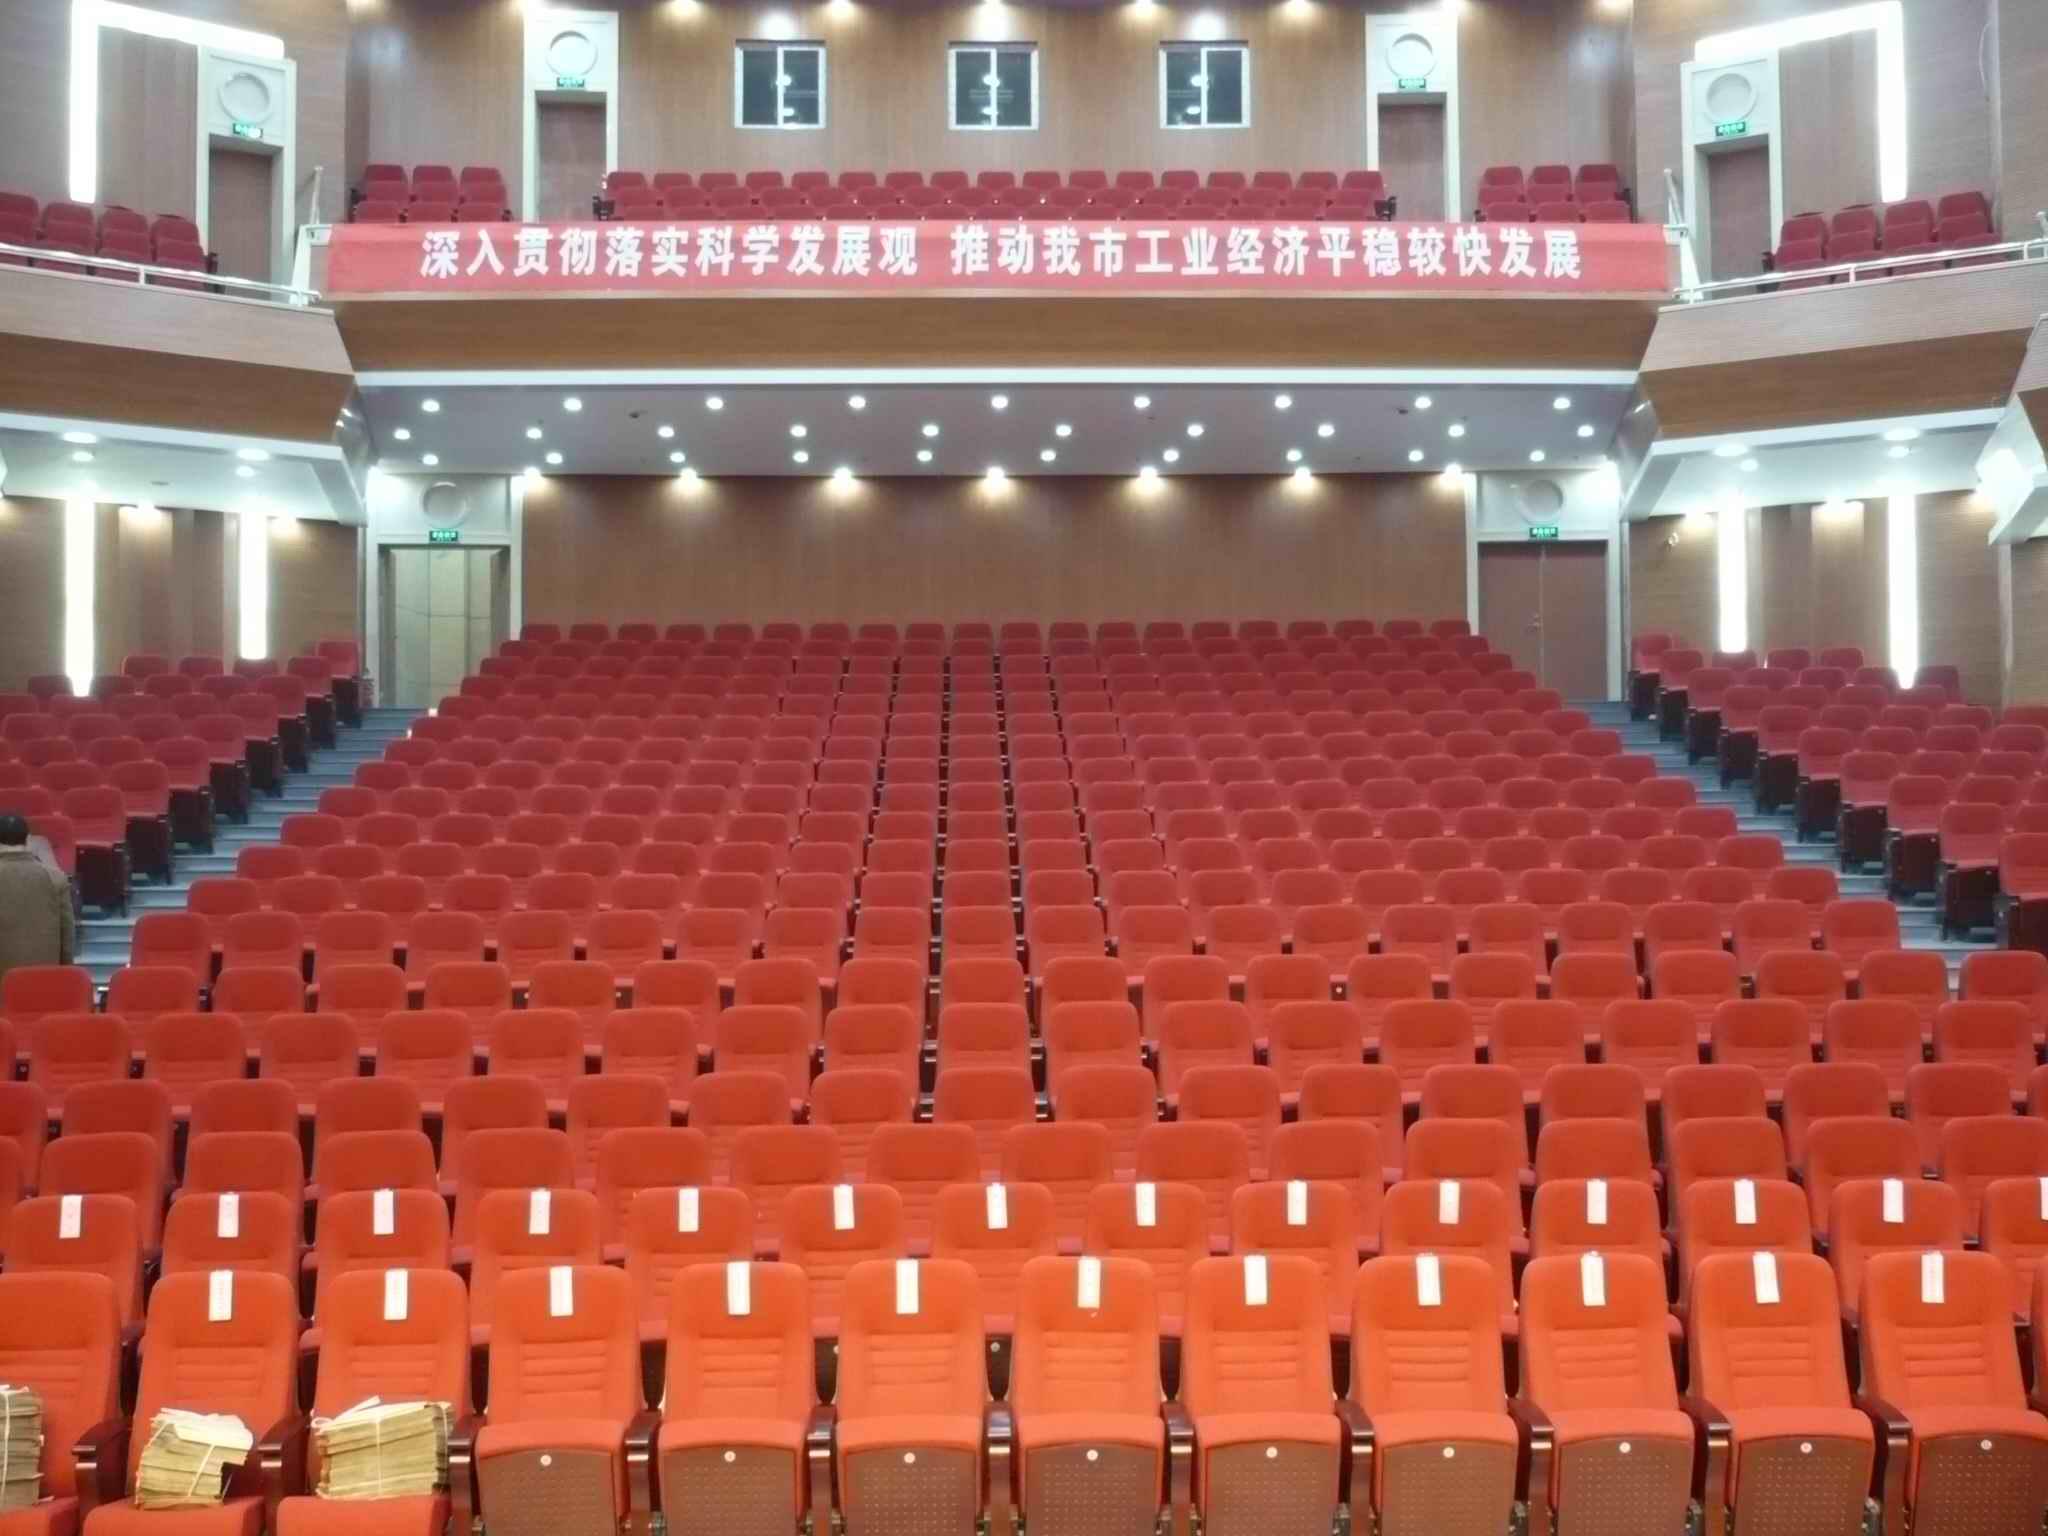 安庆黄梅戏剧场